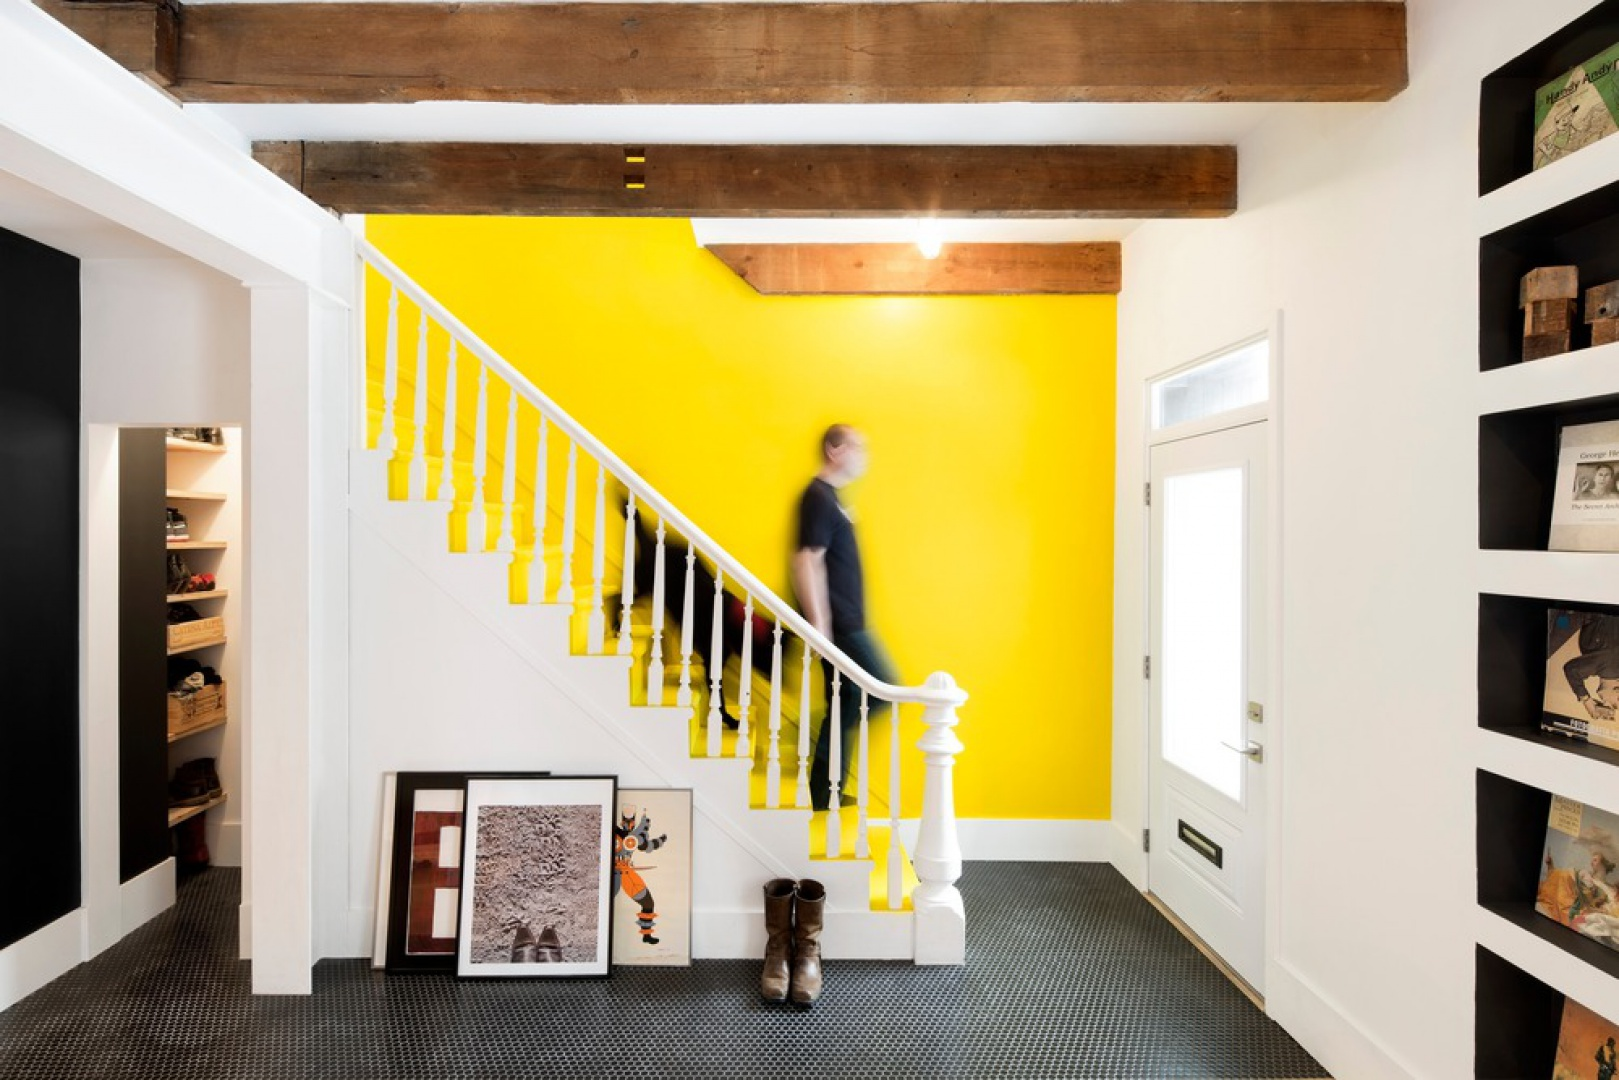 Klatkę schodową zaakcentowano intensywnym, żółtym kolorem na ścianie i stopniach schodów. Projekt: MARK+VIVI. Fot. Adrien Williams.